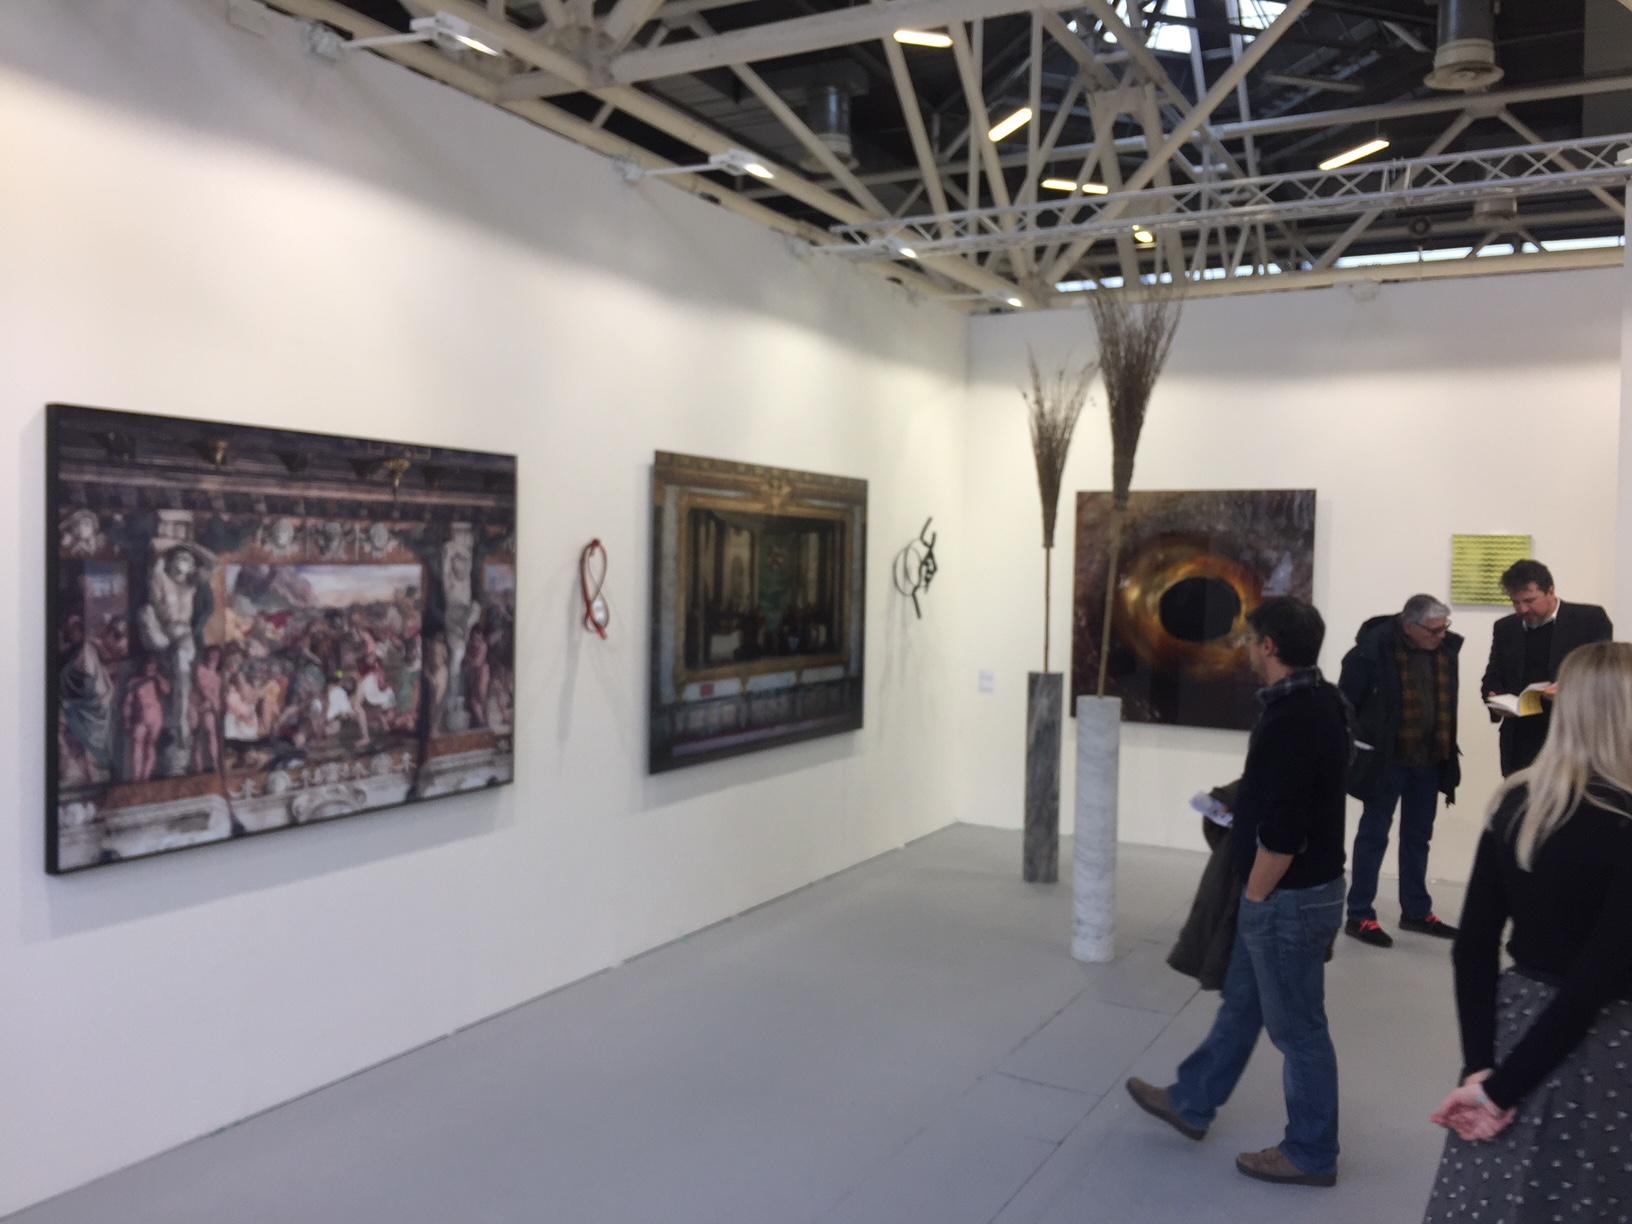 FL Gallery. Fisicamente sta nel padiglione dei moderni, ma in realtà - da Luca Pozzi a Bruna Esposito, a Danilo Buccella - è uno dei migliori stand del contemporaneo